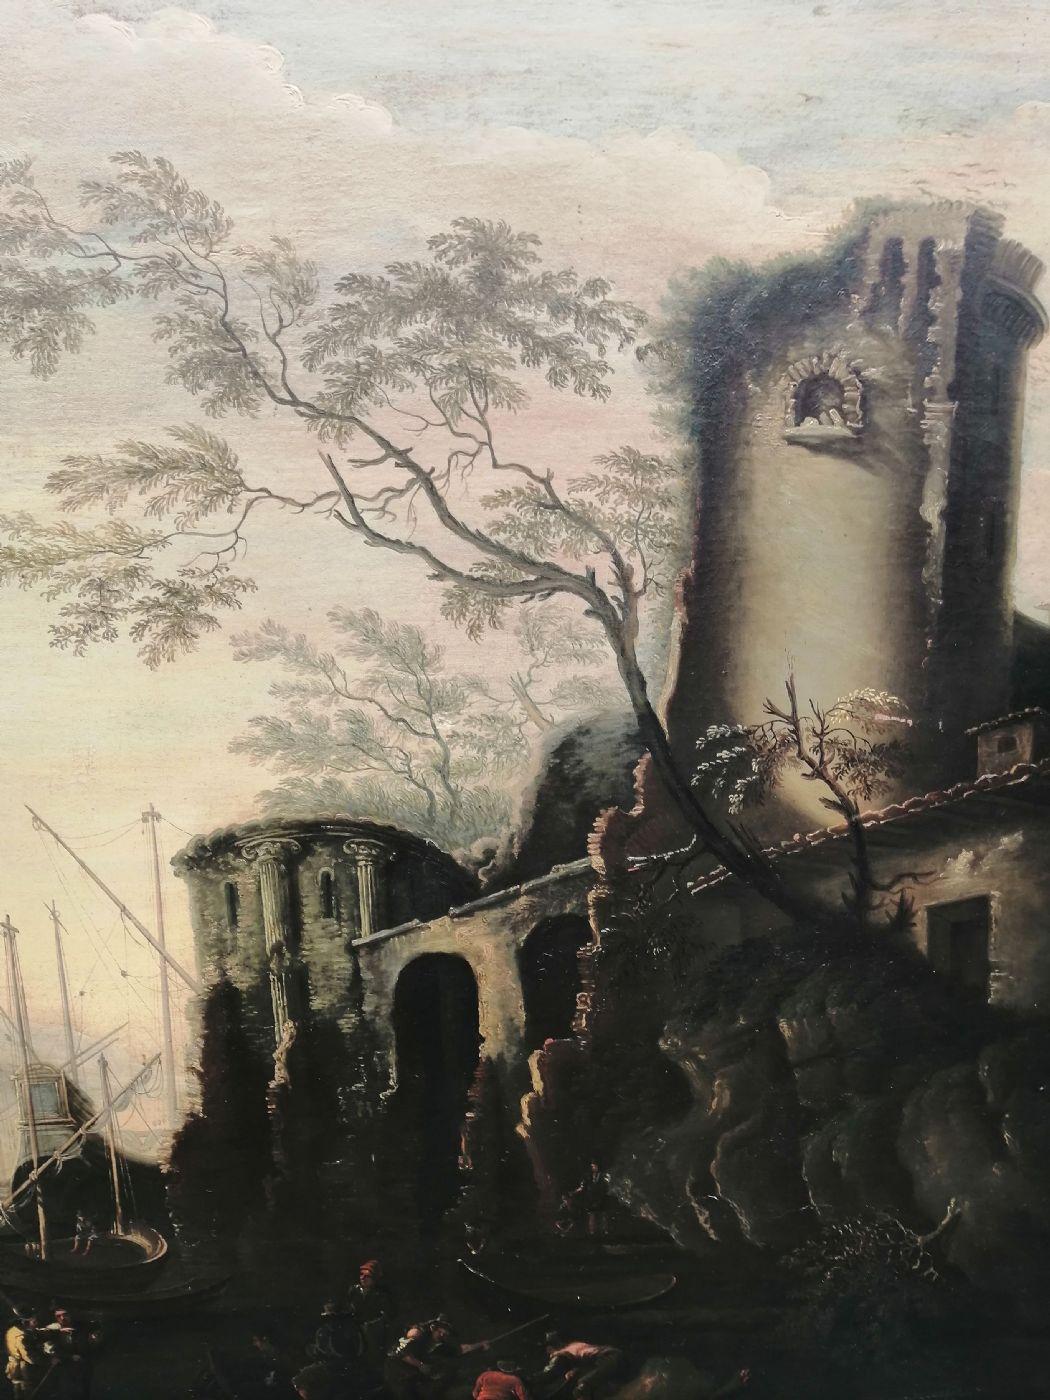 thumb3 Marina delle torri - Paesaggio del '600 con squero, rovine e figure, da Salvator Rosa (1615 - 1673)